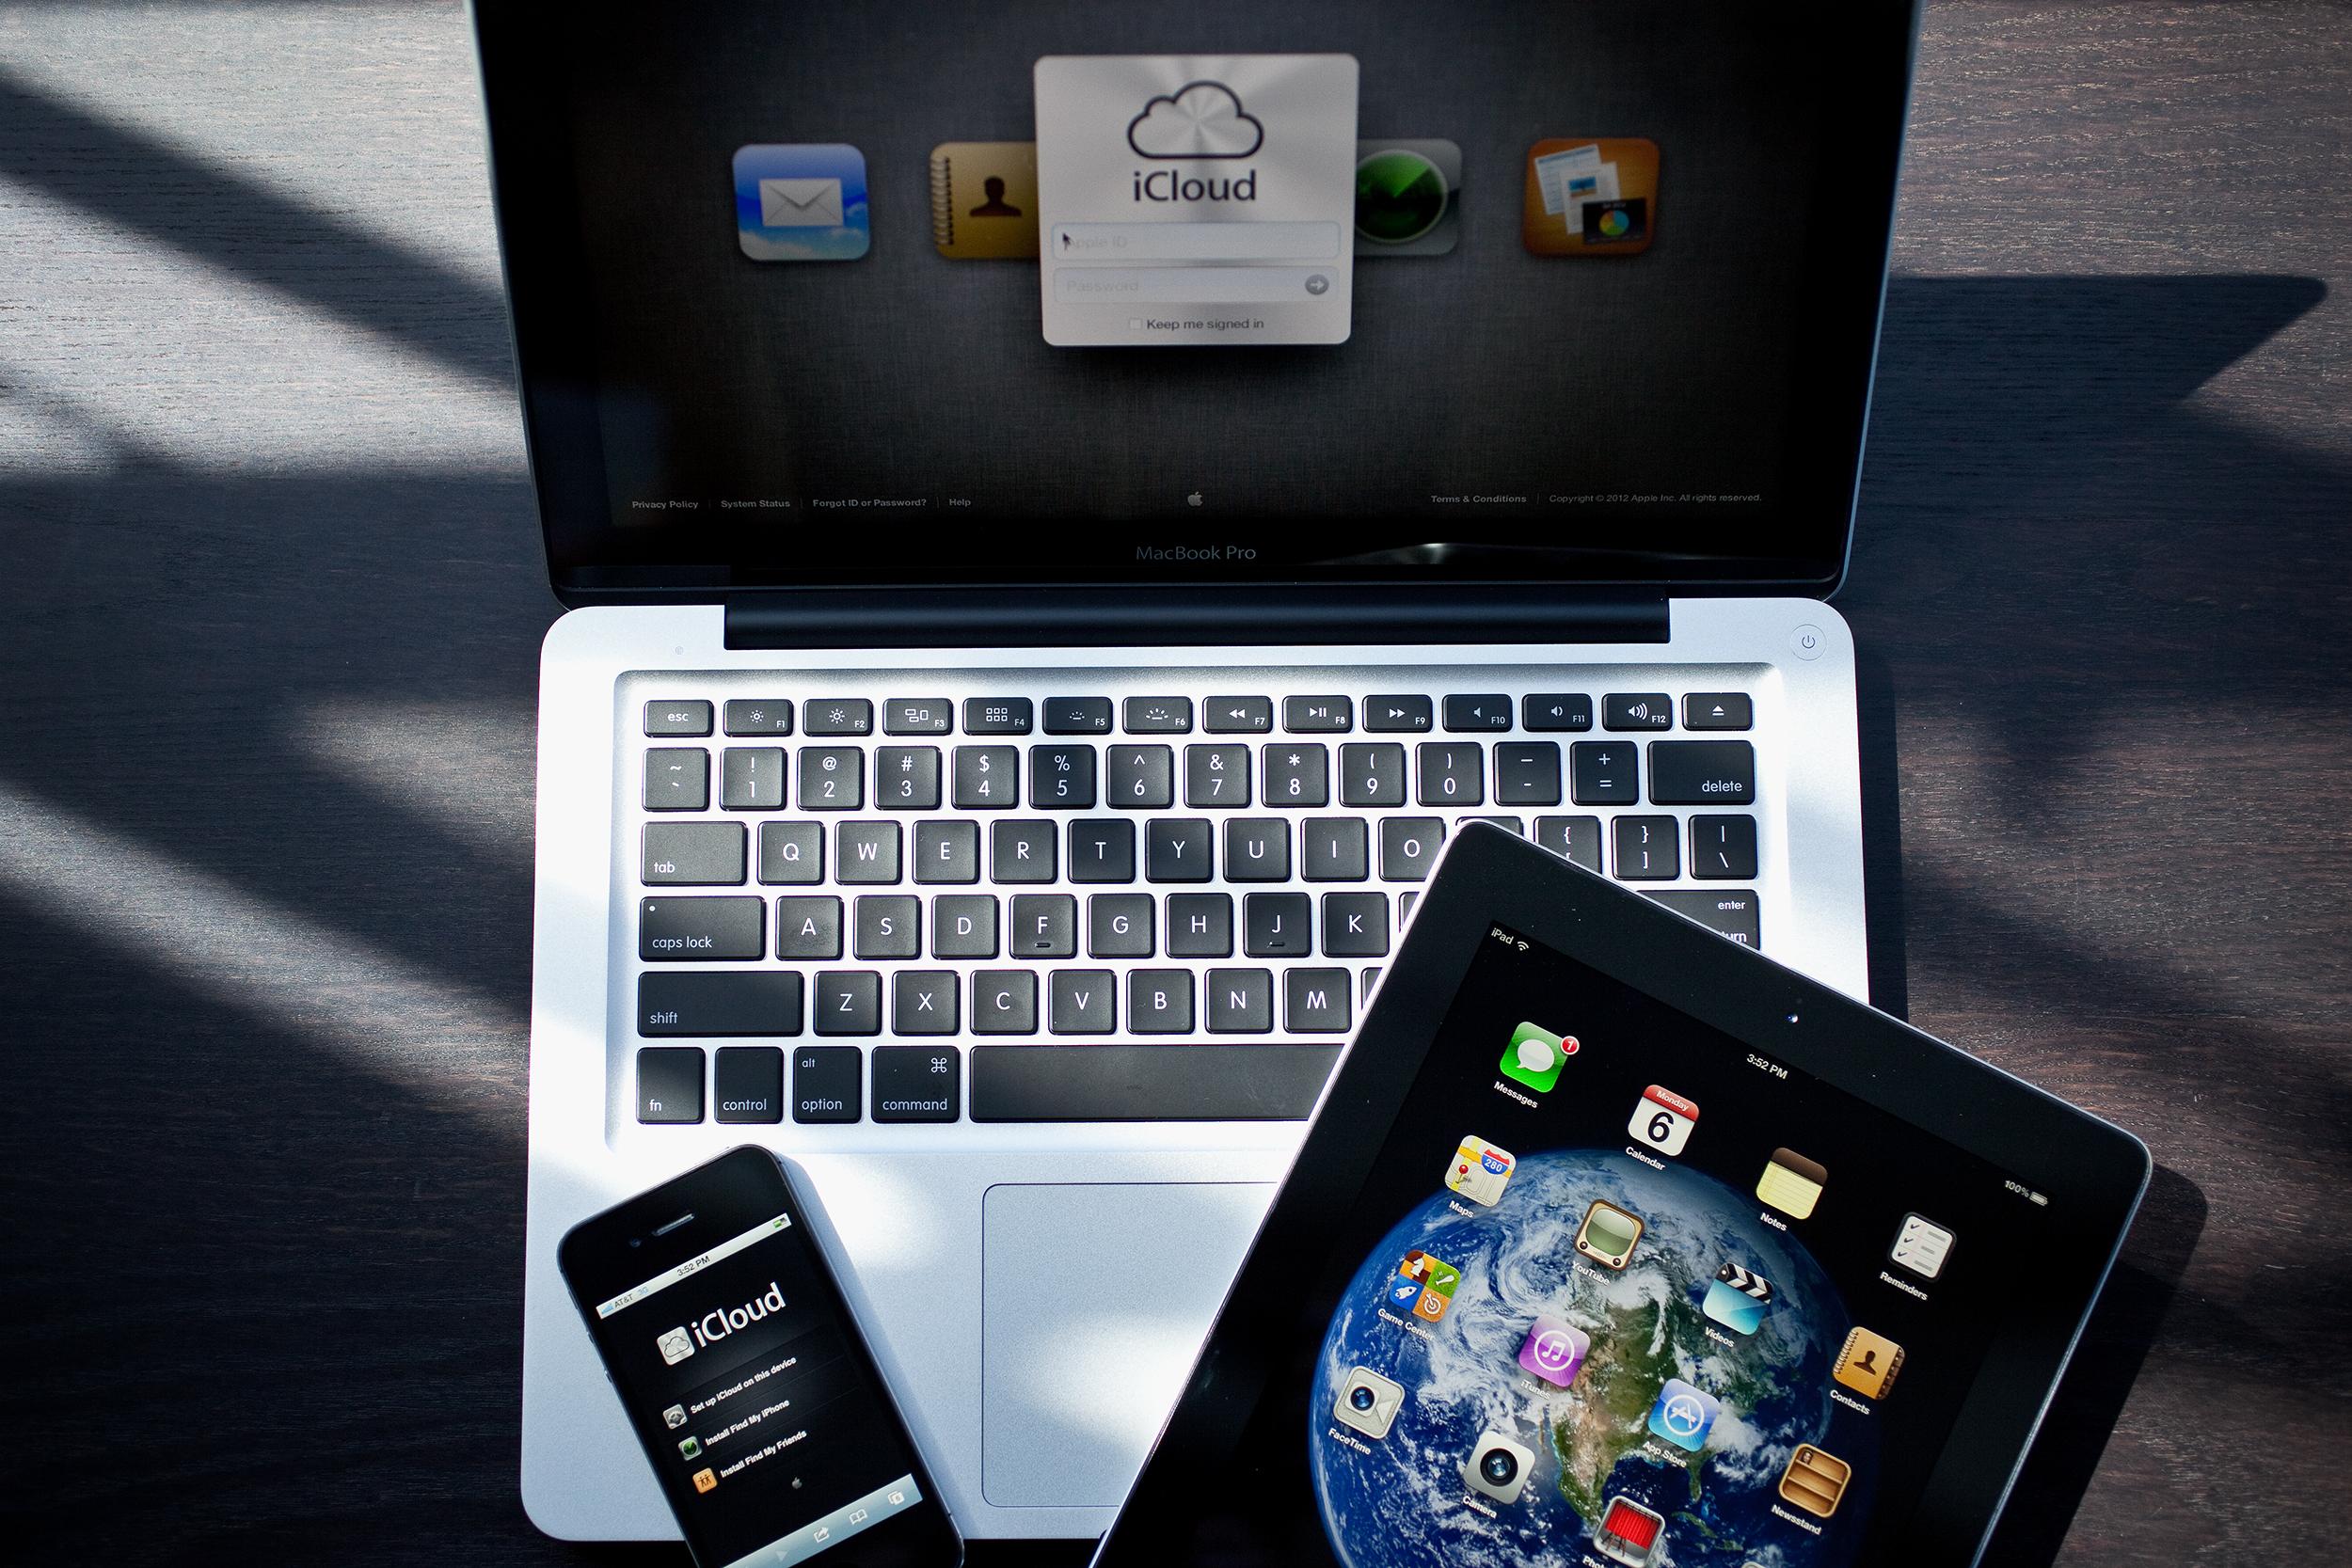 Acesso ao iCloud - Mac, iPhone e iPad